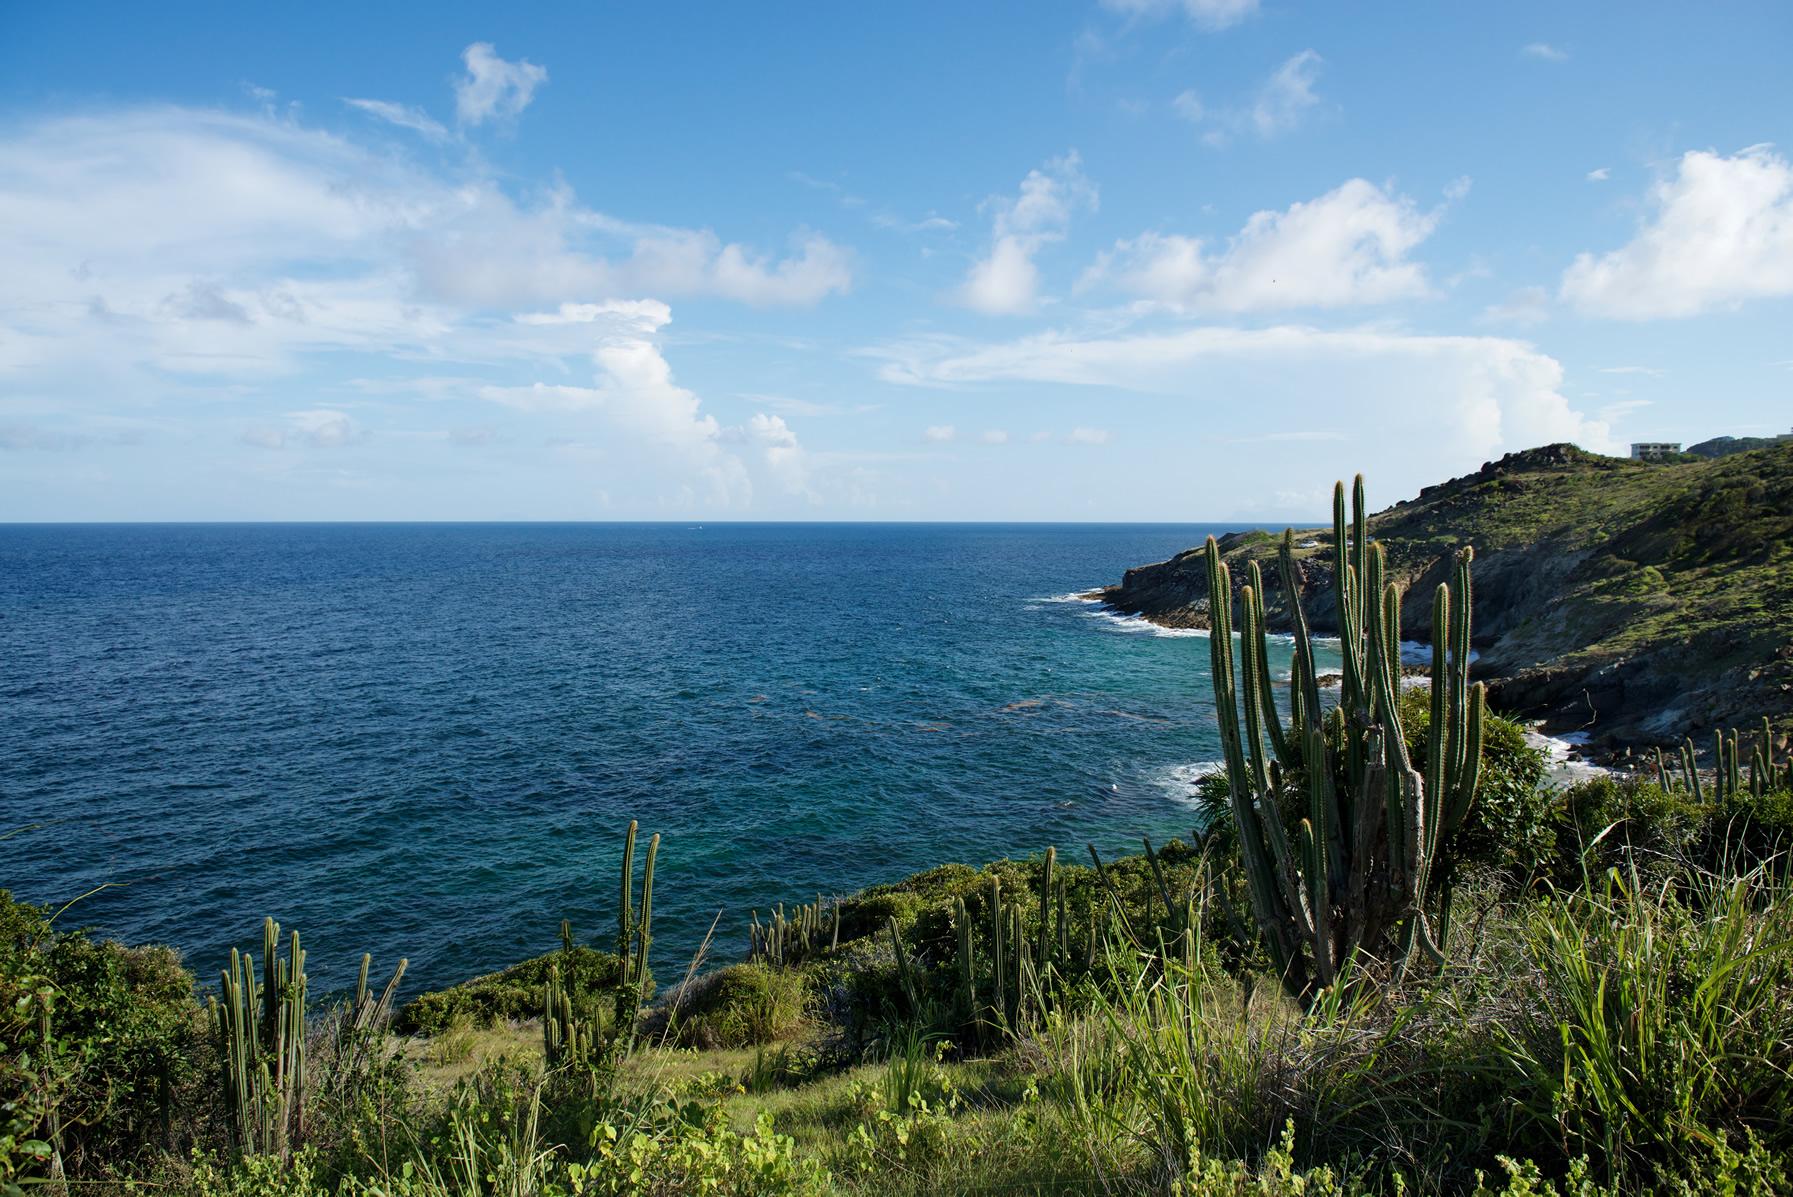 Geniet van een schitterend uitzicht terwijl je langs de kust naar de 'Natural Pool' wandelt